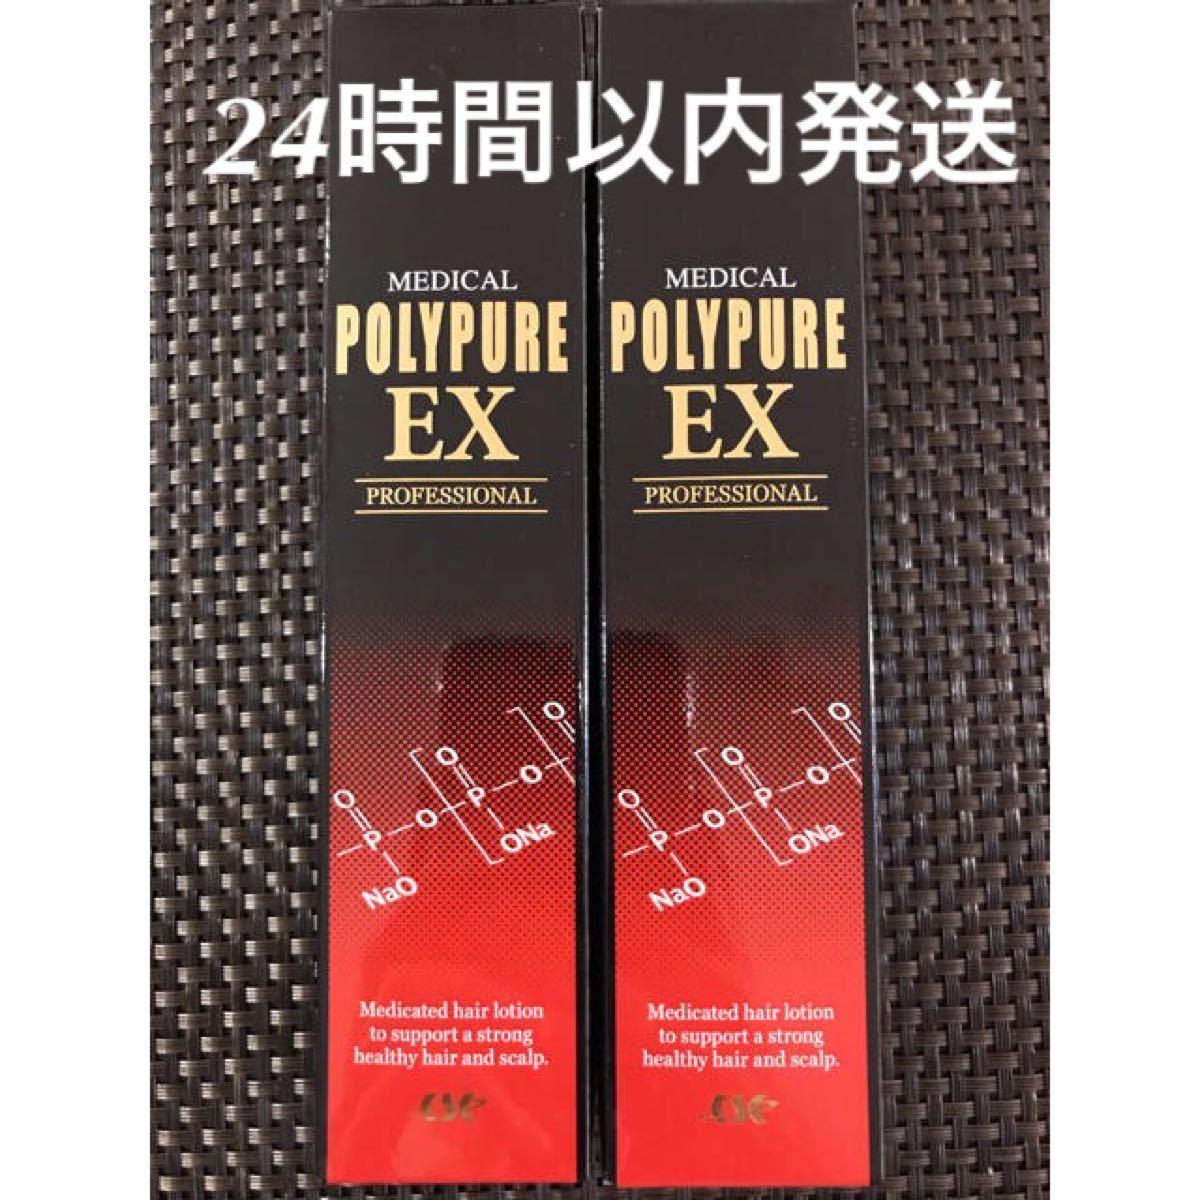 新品未開封 シーエスシー 薬用ポリピュアEX 120ml 2本セット